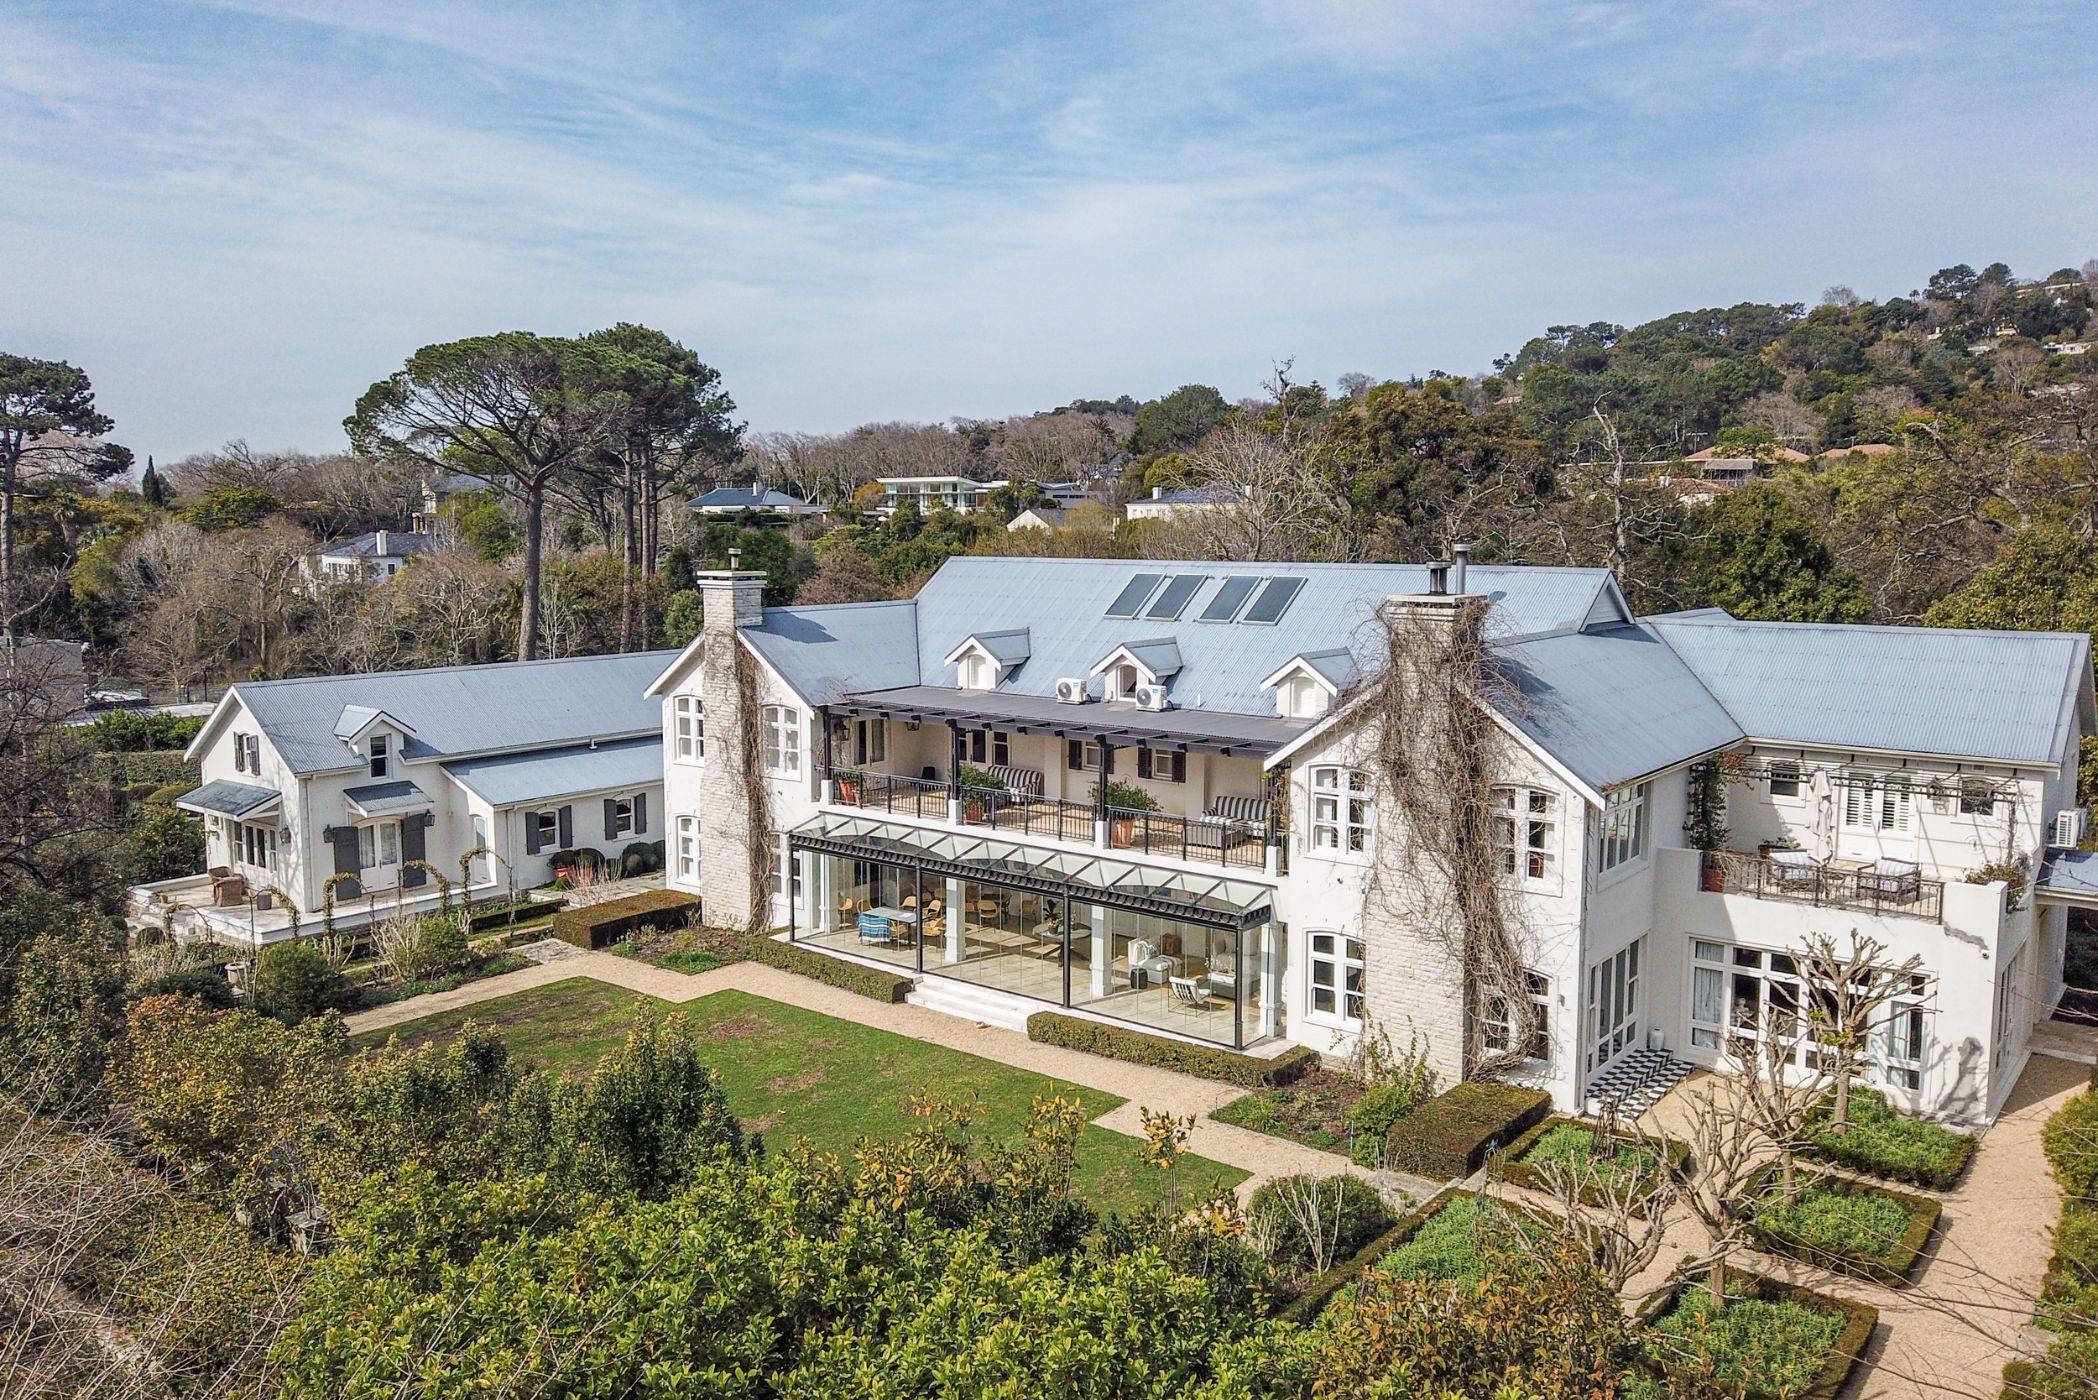 8 bedroom house for sale in Bishopscourt